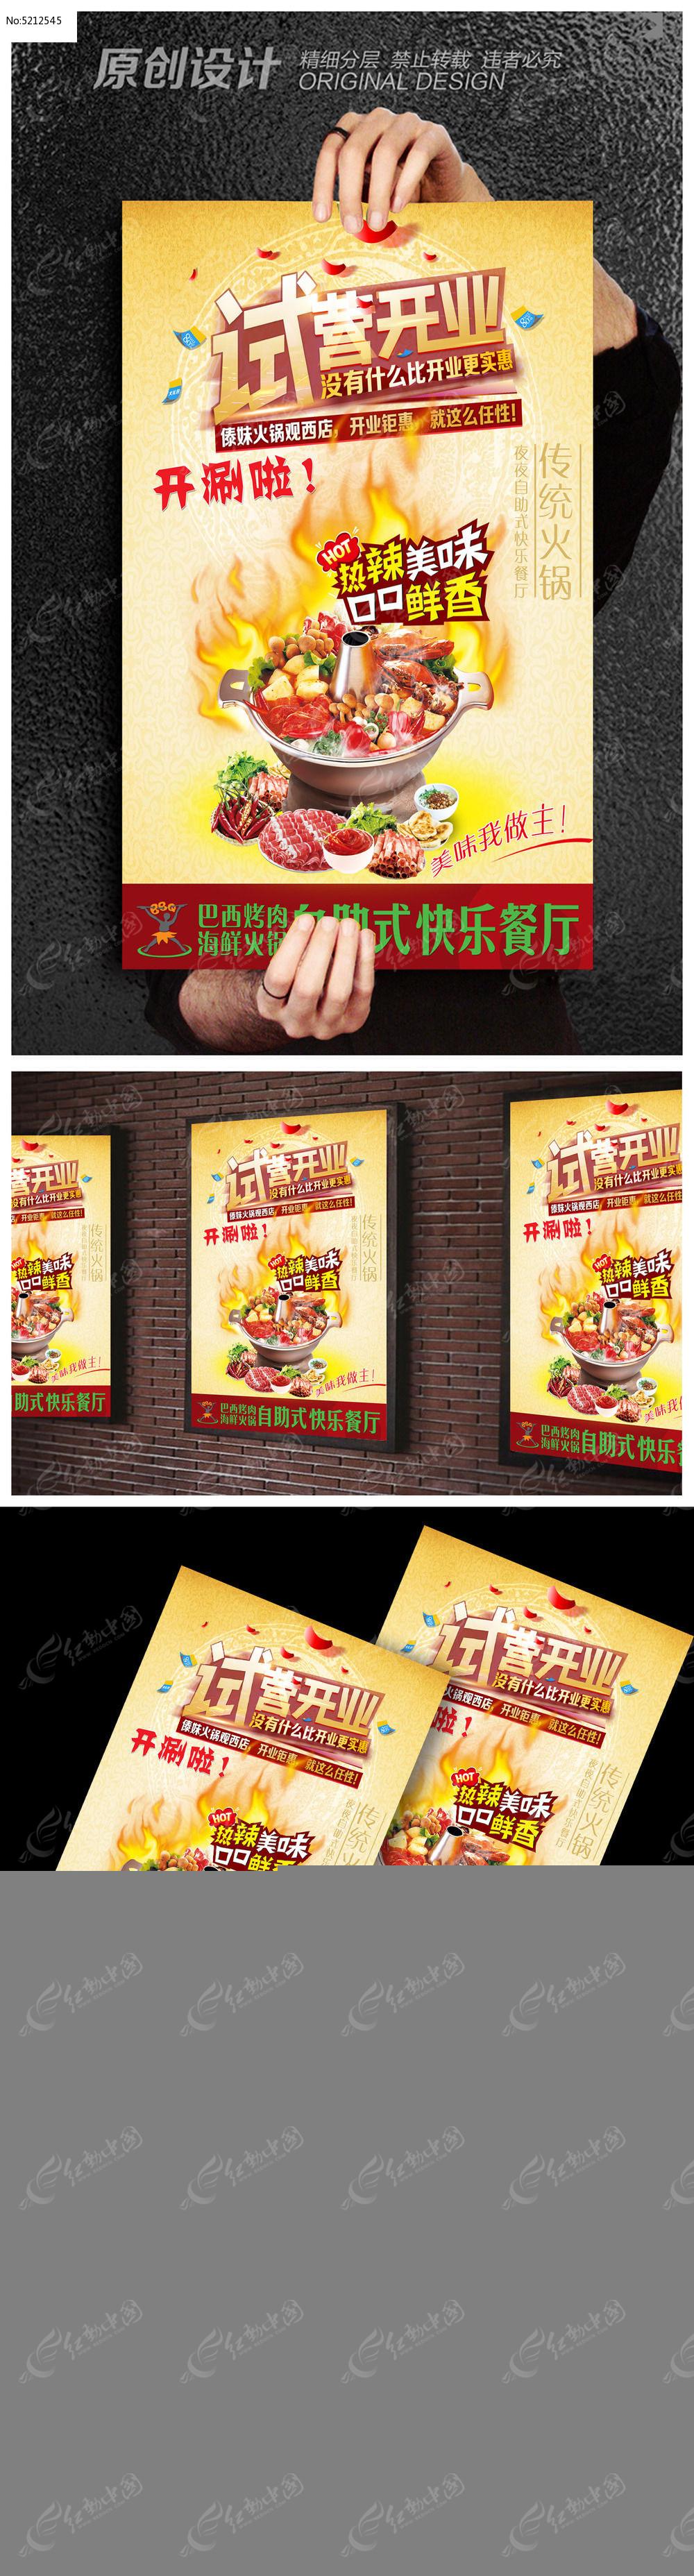 火锅店促销海报模板图片